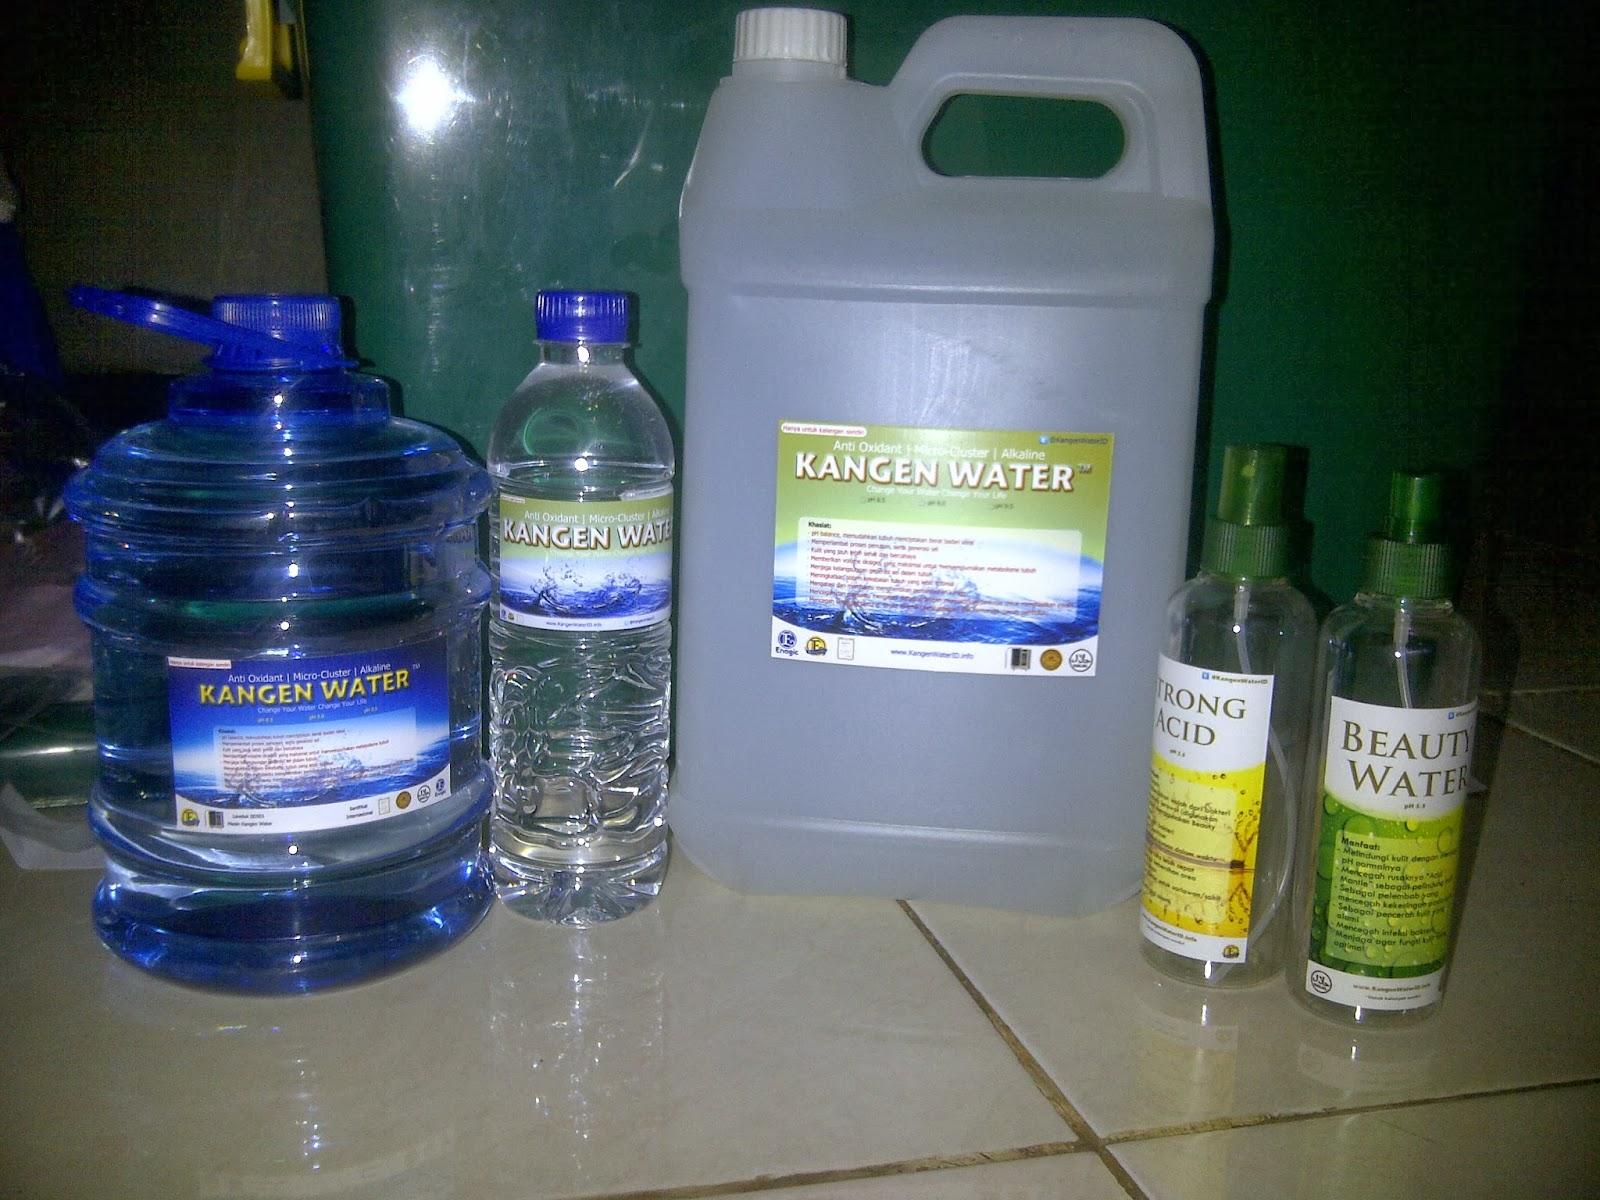 0817808070-Kangen-Water-Jakarta-Selatan-Harga-Air-Kangen-Kangen-Beauty-Water-Strong-Acid-Spray